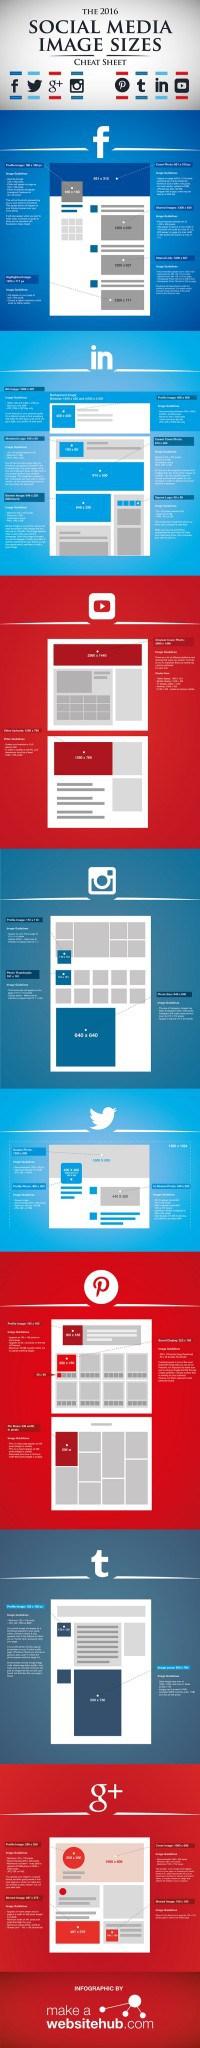 Social media afbeeldingen grootte infographic